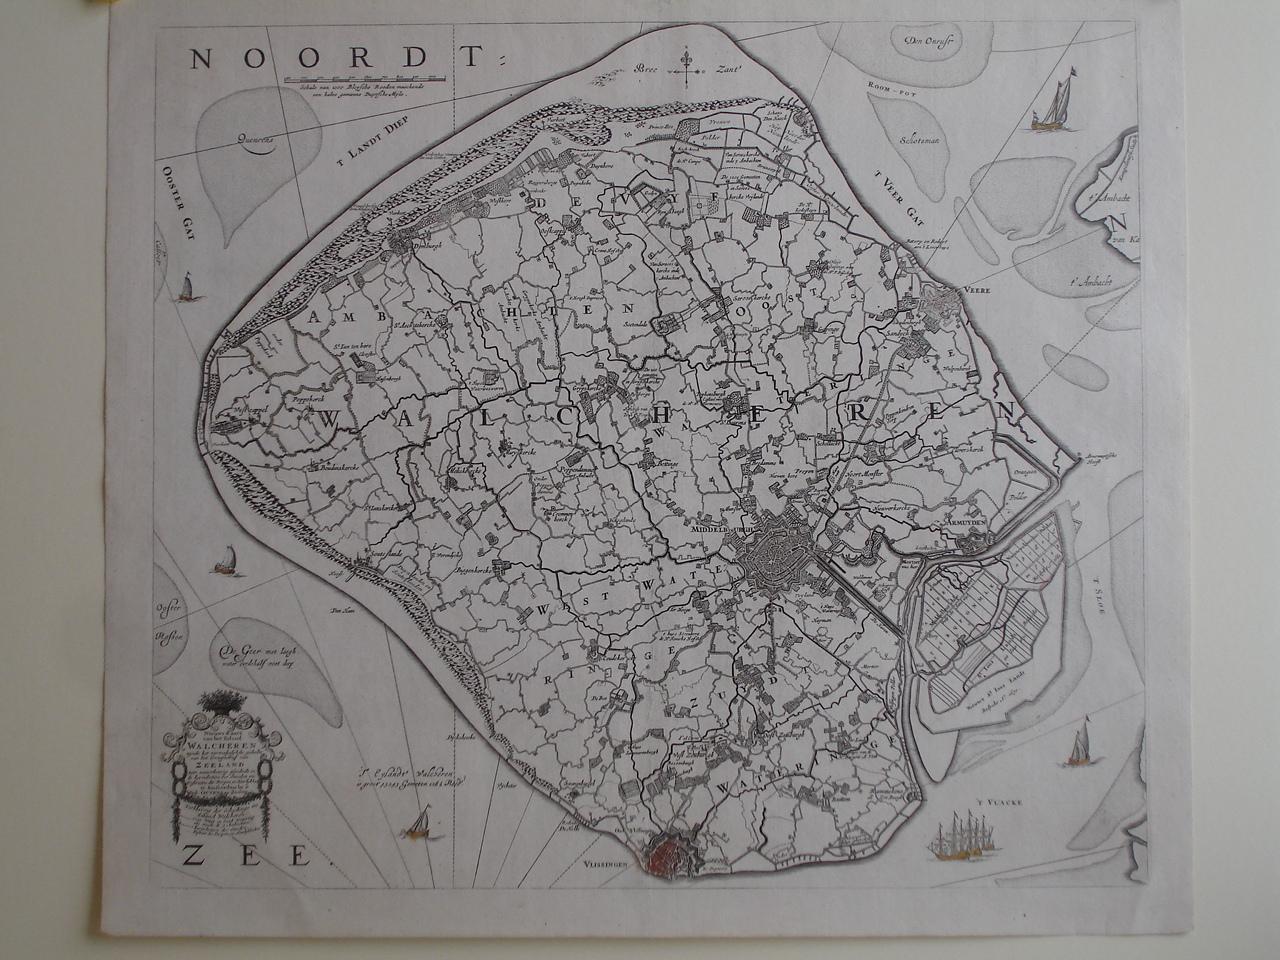 WALCHEREN. - Nieuwe kaart van het eiland Walcheren....